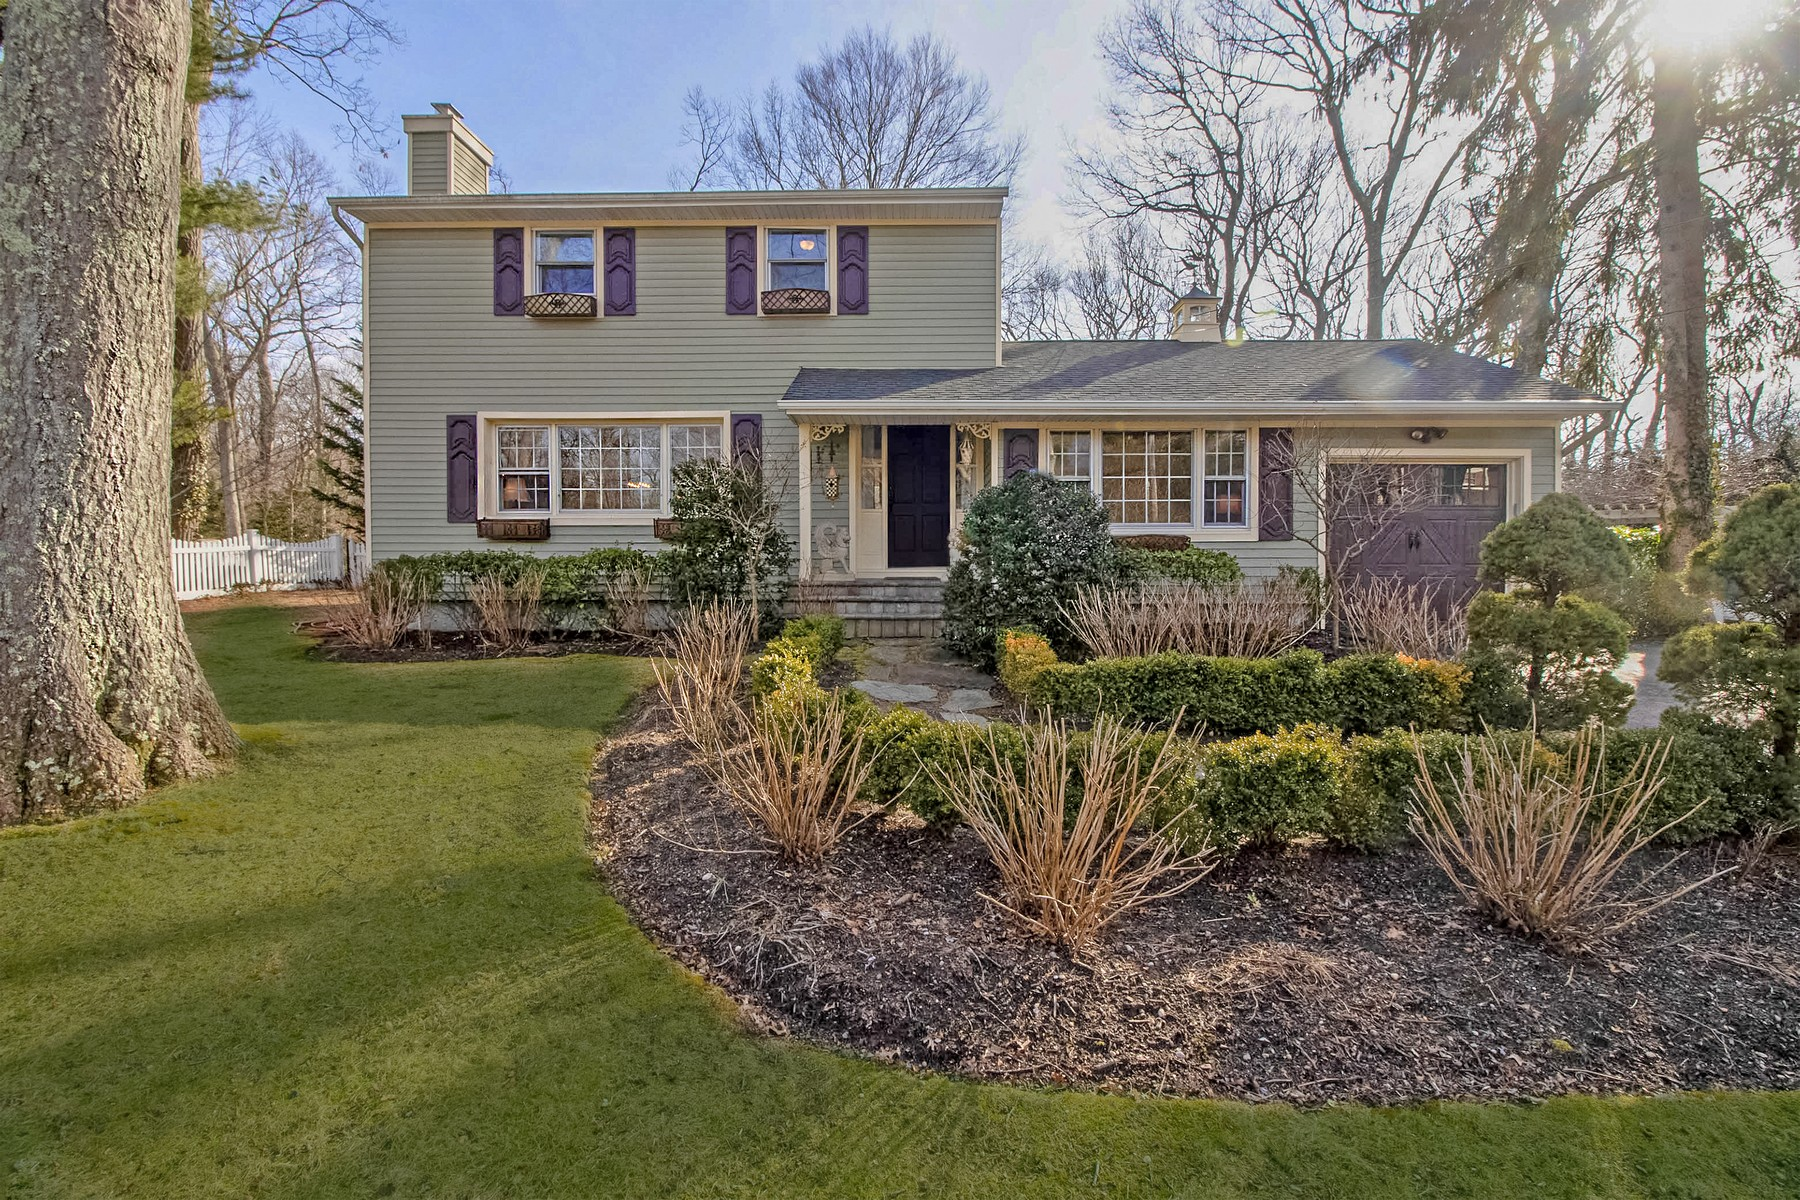 Single Family Homes for Sale at Setauket 6 Friends Road Setauket, New York 11733 United States